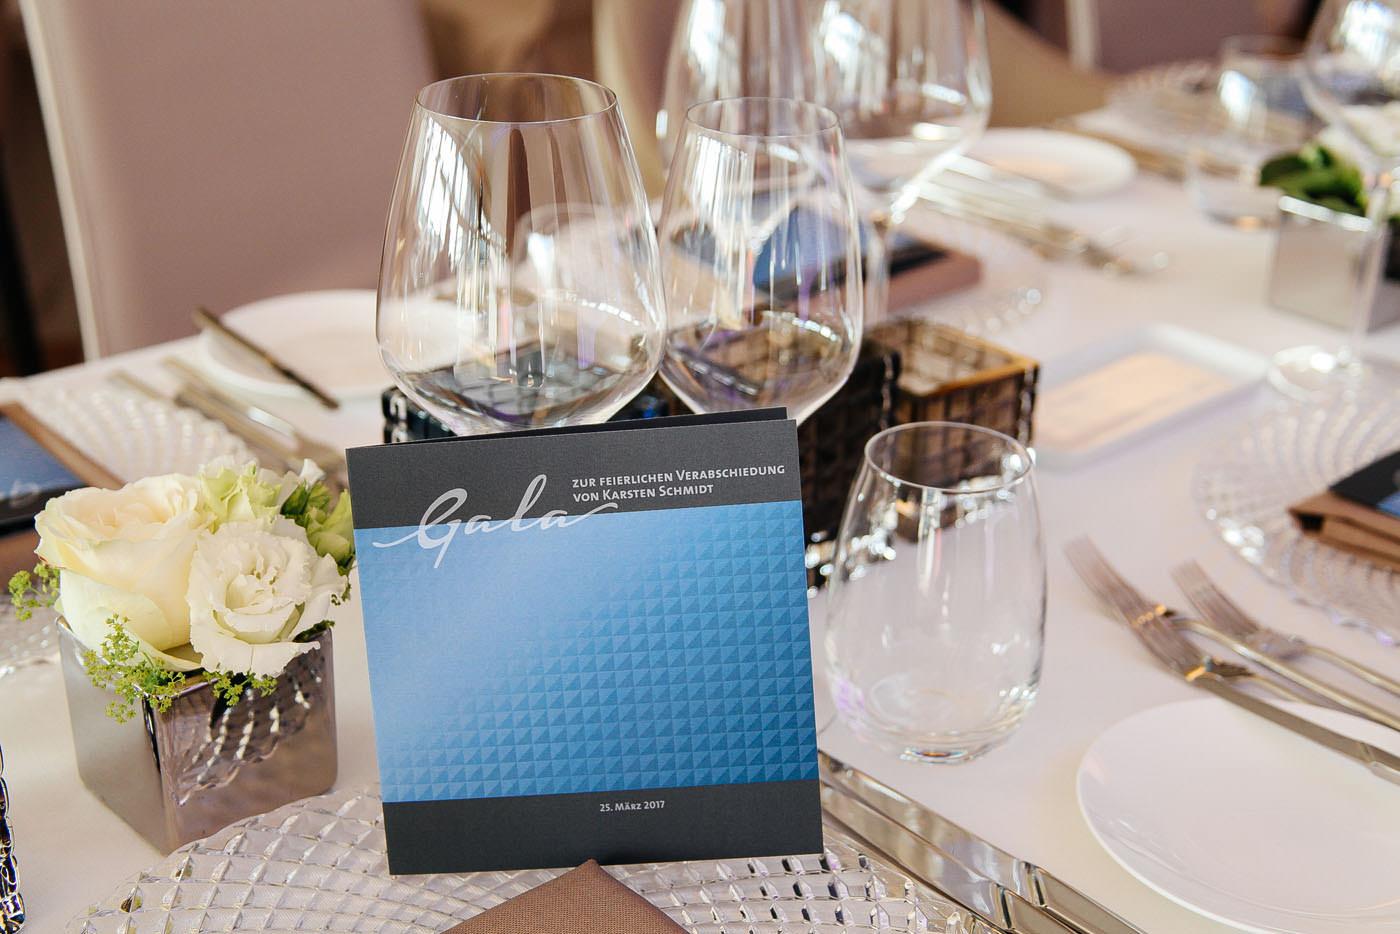 Events, Gala, Veranstaltung,  Ravensburger, Agentur Ravensburger,  Tischdekoration